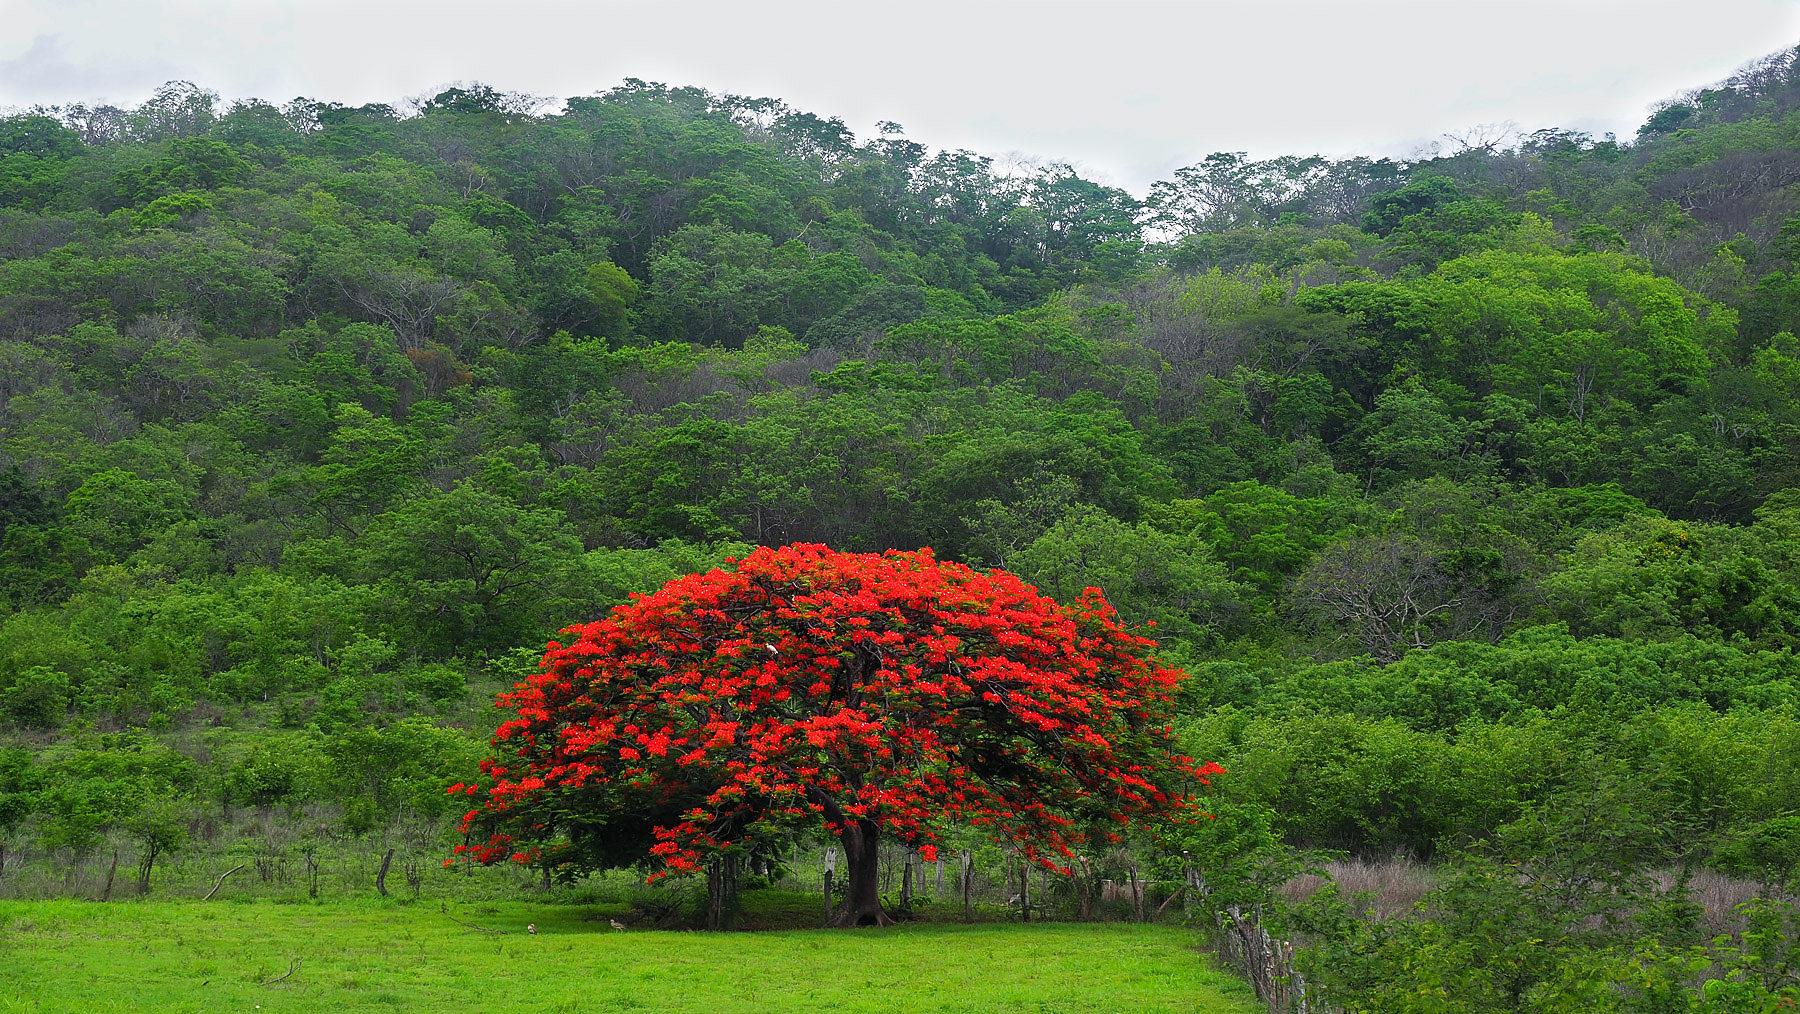 Arbol de fuego, Flammenbaum, sticht heraus aus dem vielen Grün